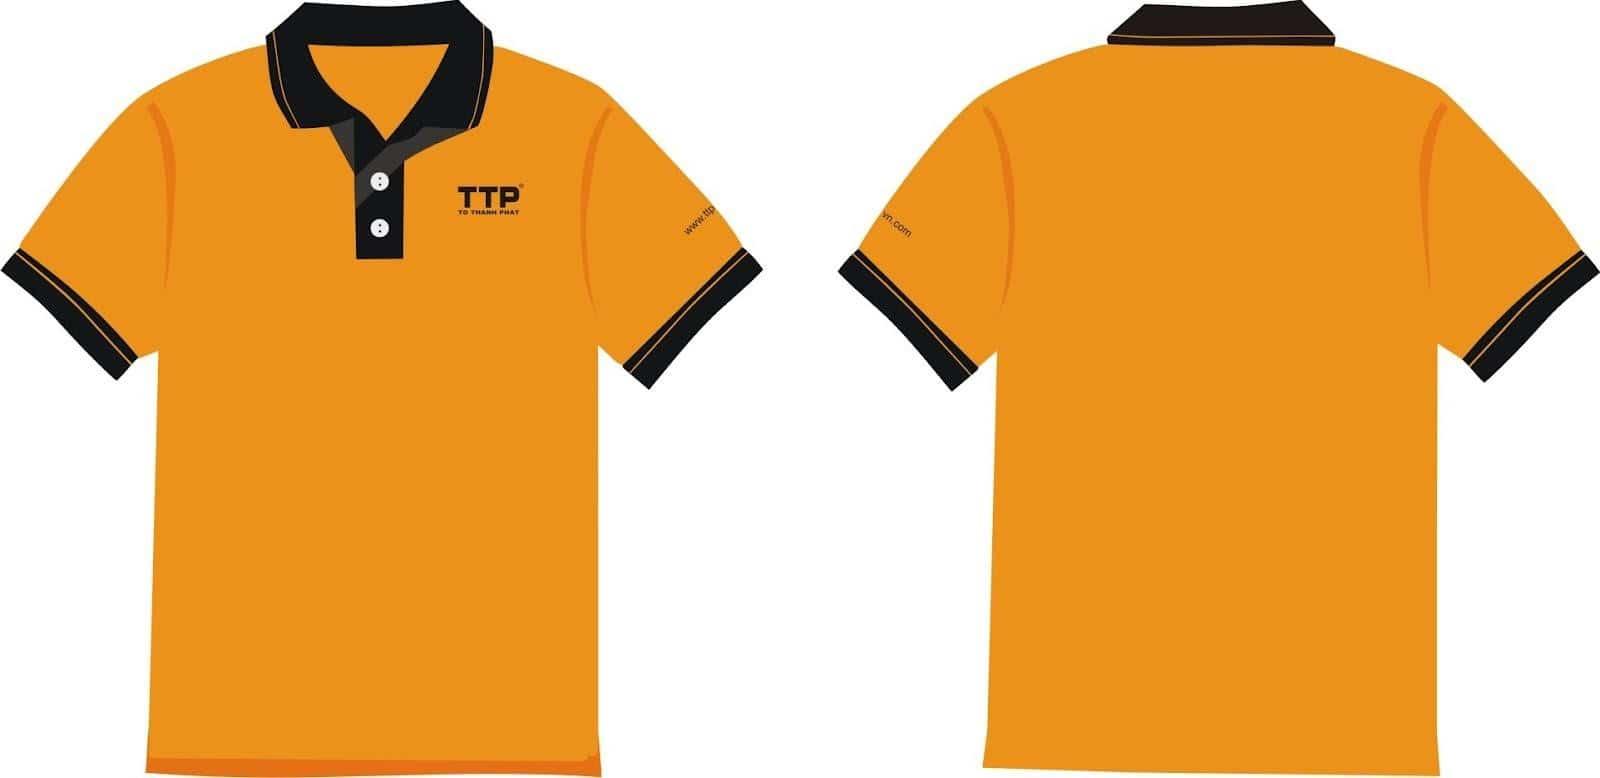 Phân loại đồng phục áo thun chính xác nhất